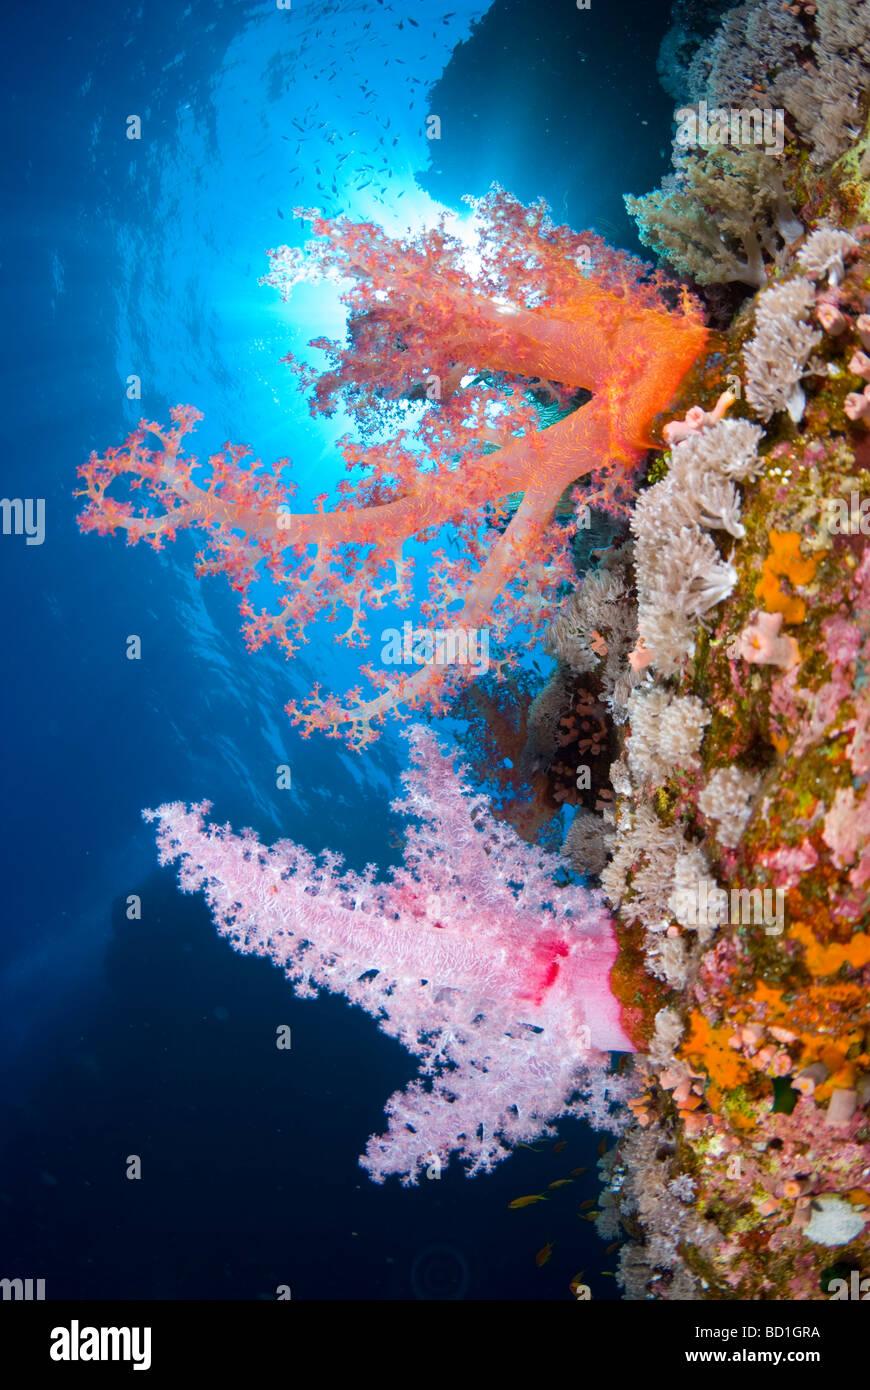 Bunte Korallenriff Szene mit violetten und roten Weichkorallen. Safaga, Rotes Meer Stockbild